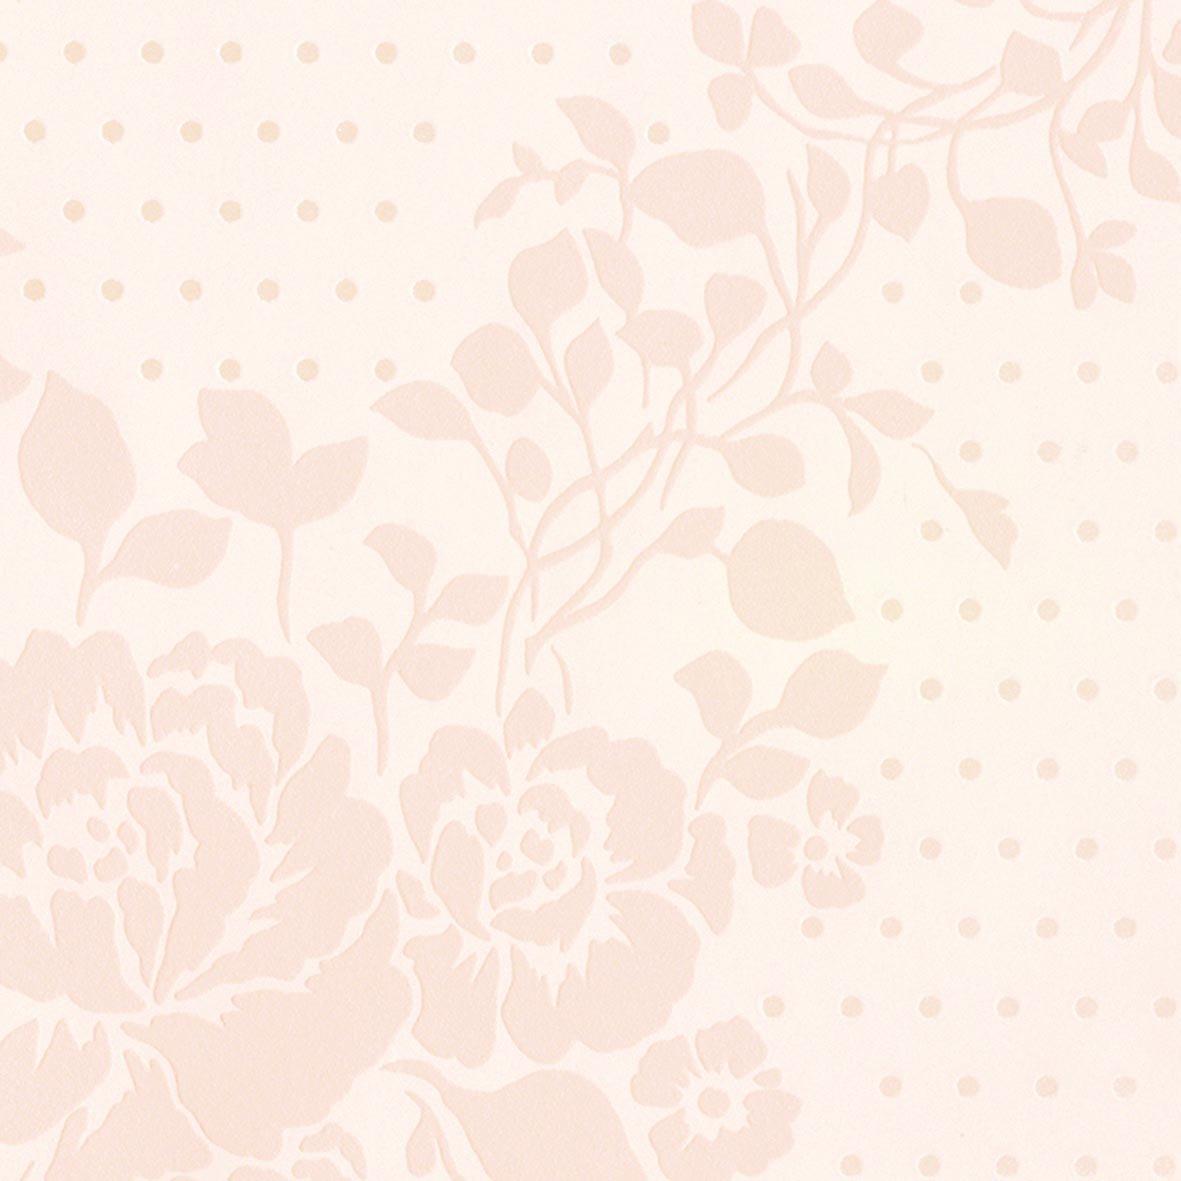 リリカラ 壁紙45m フェミニン ダマスク ピンク Elegance LW-2803 B07613LZZZ 45m|ピンク